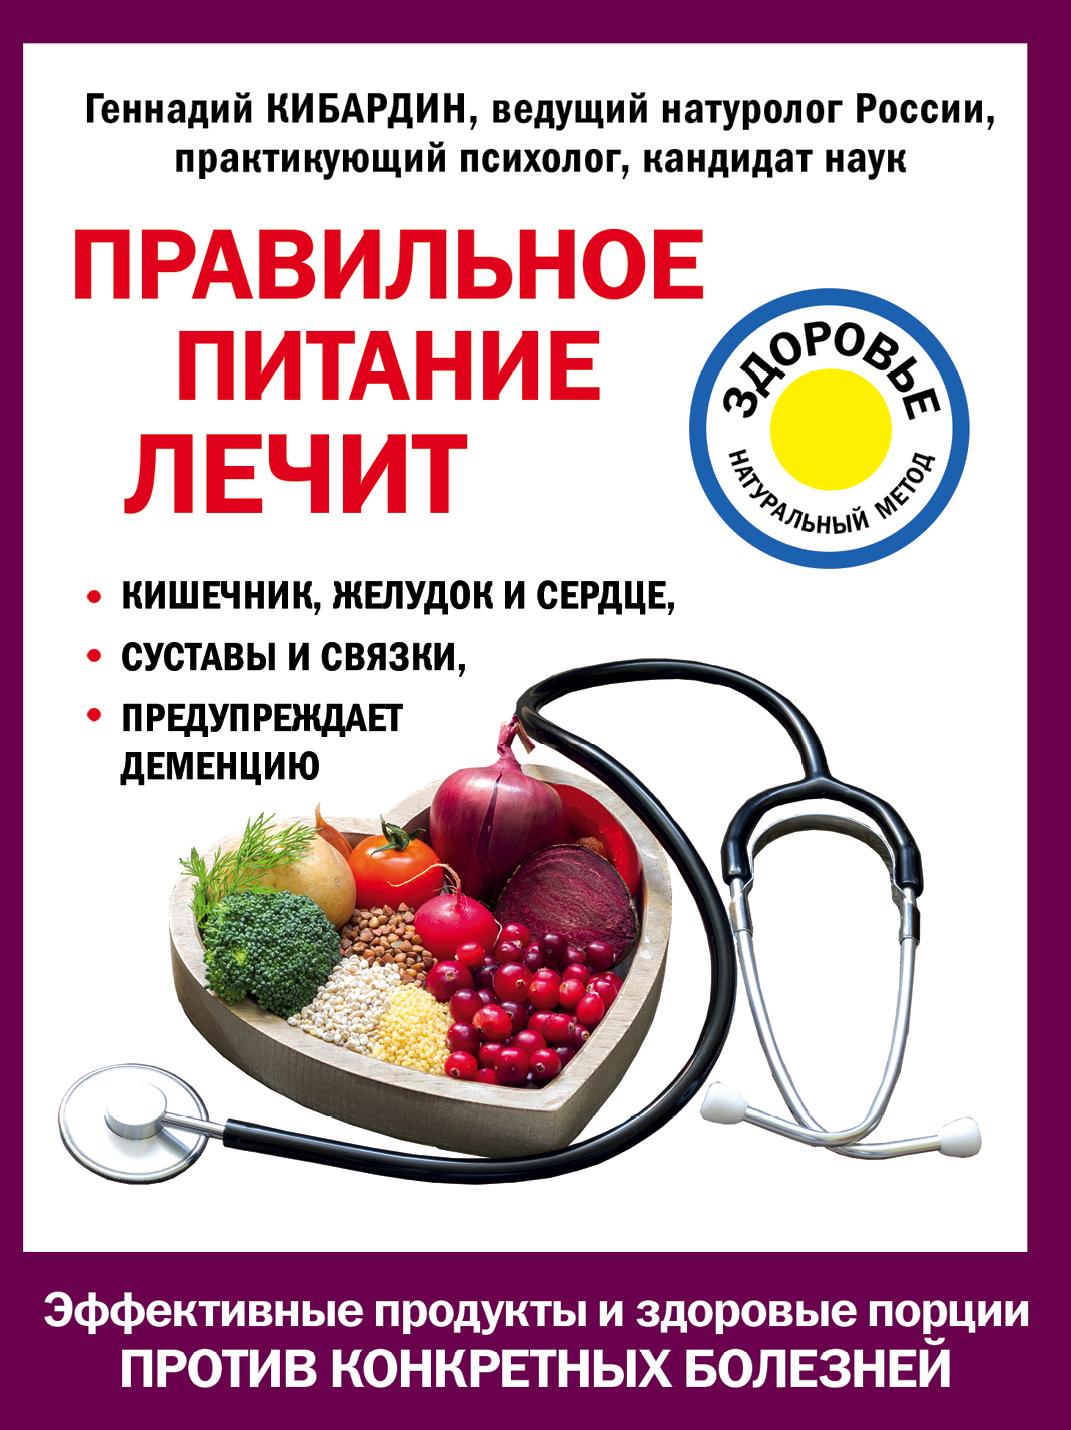 Геннадий Кибардин Правильное питание лечит: кишечник и желудок, сердце, суставы и связки, предупреждает деменцию